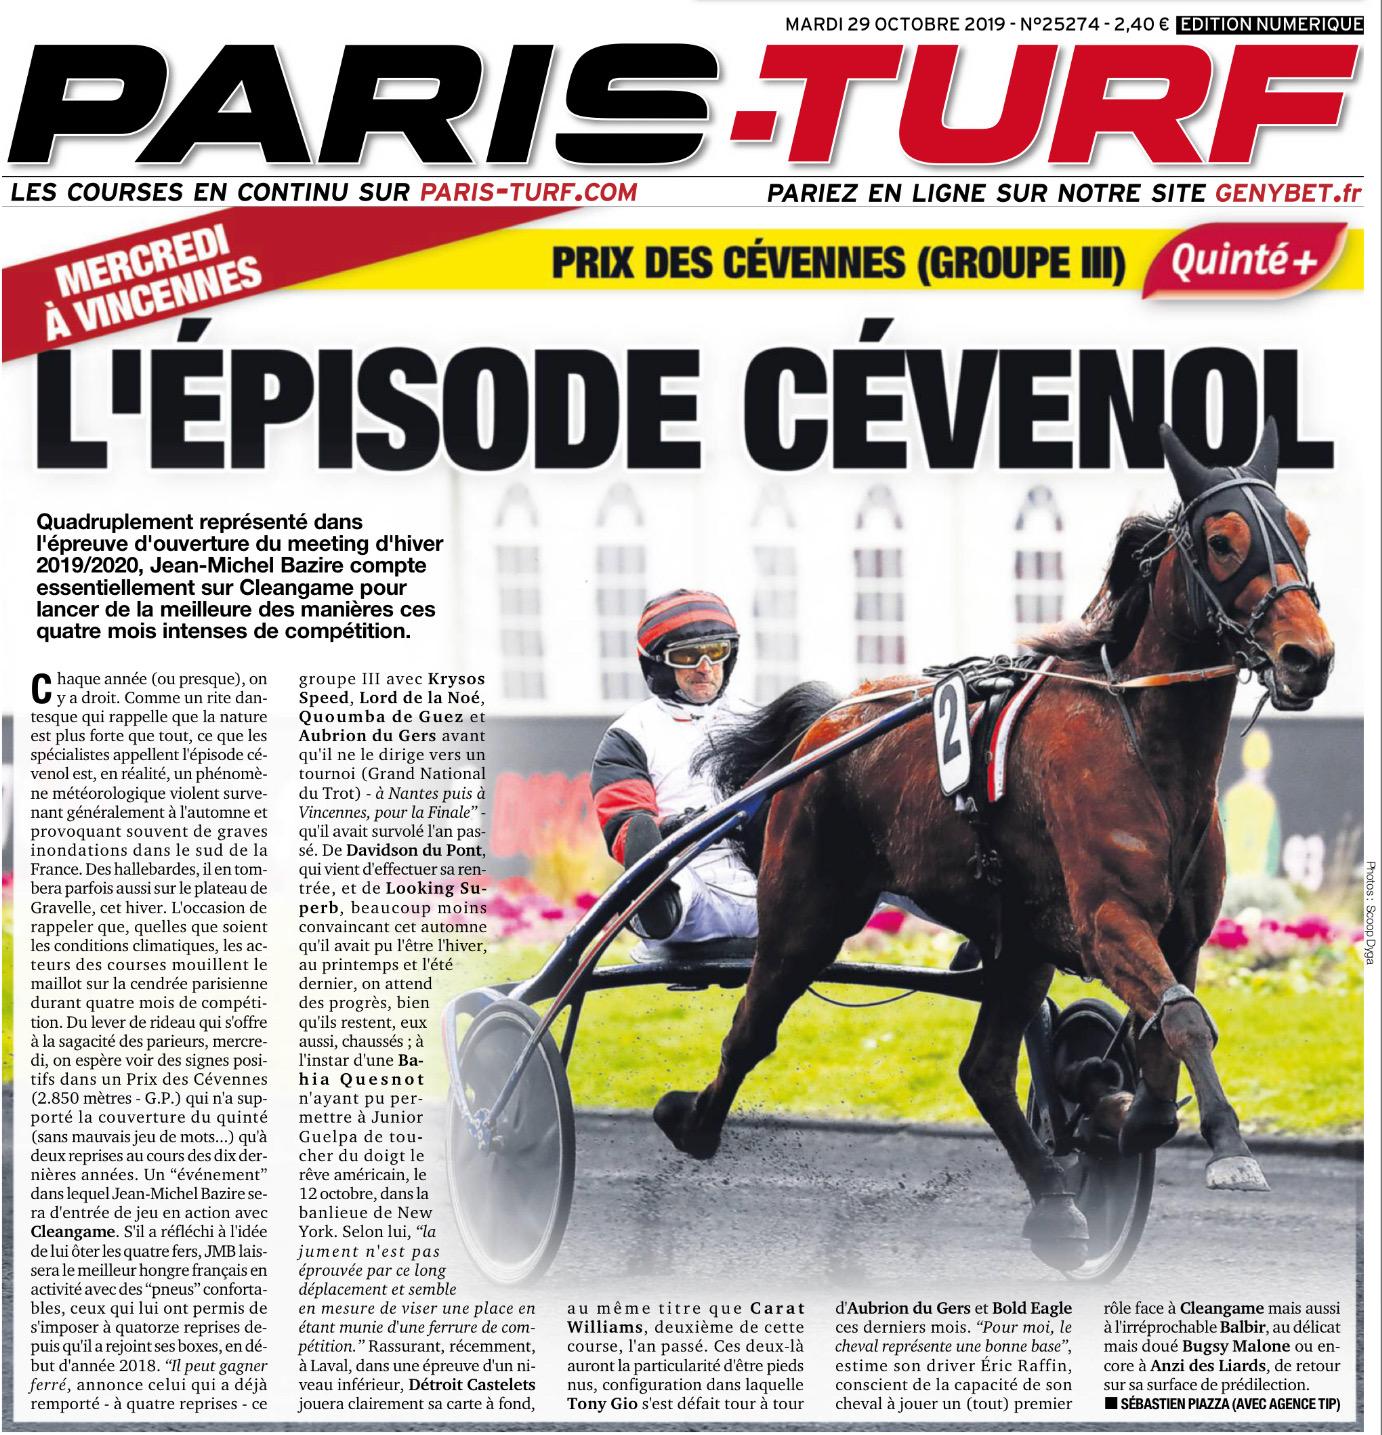 2019 10 28 Prix des Cevennes PT1